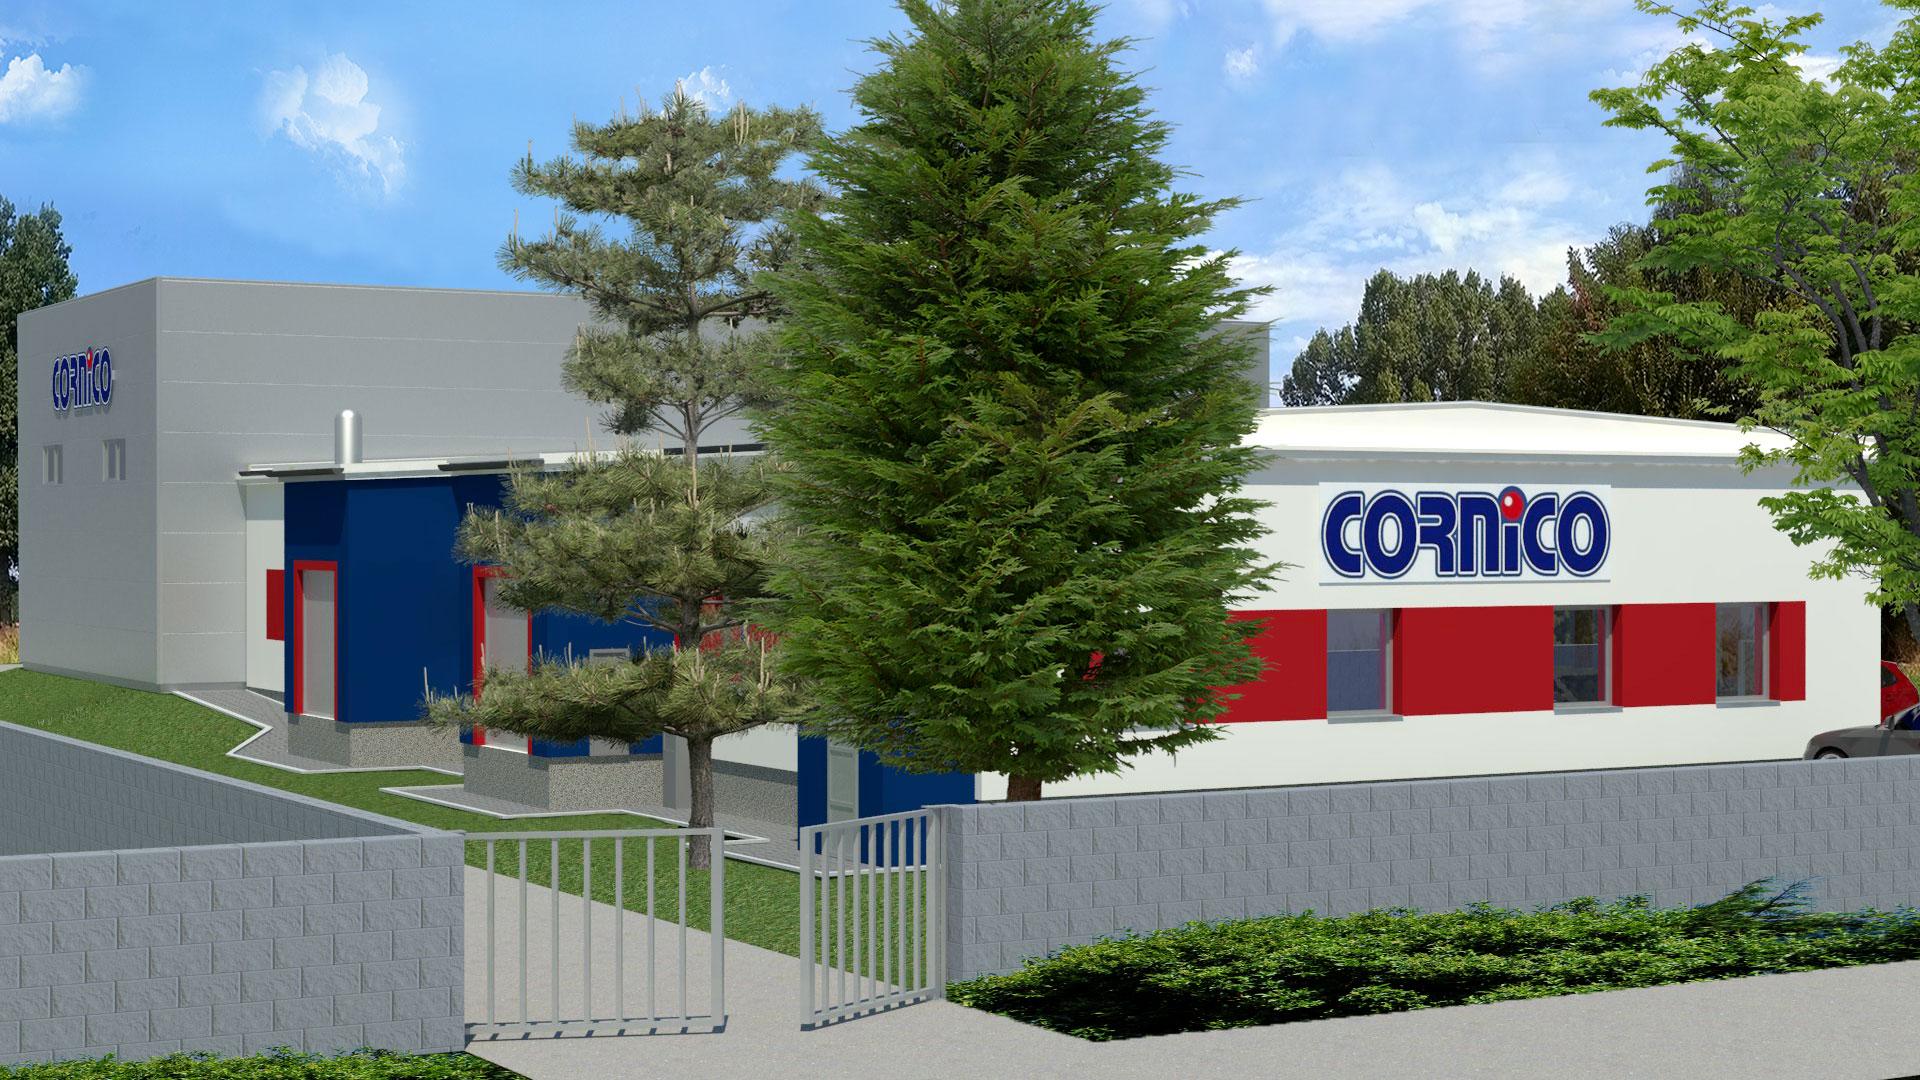 Návrh vizualizace rekonstrukce průmyslové a skladovací haly pro firmu Cornico